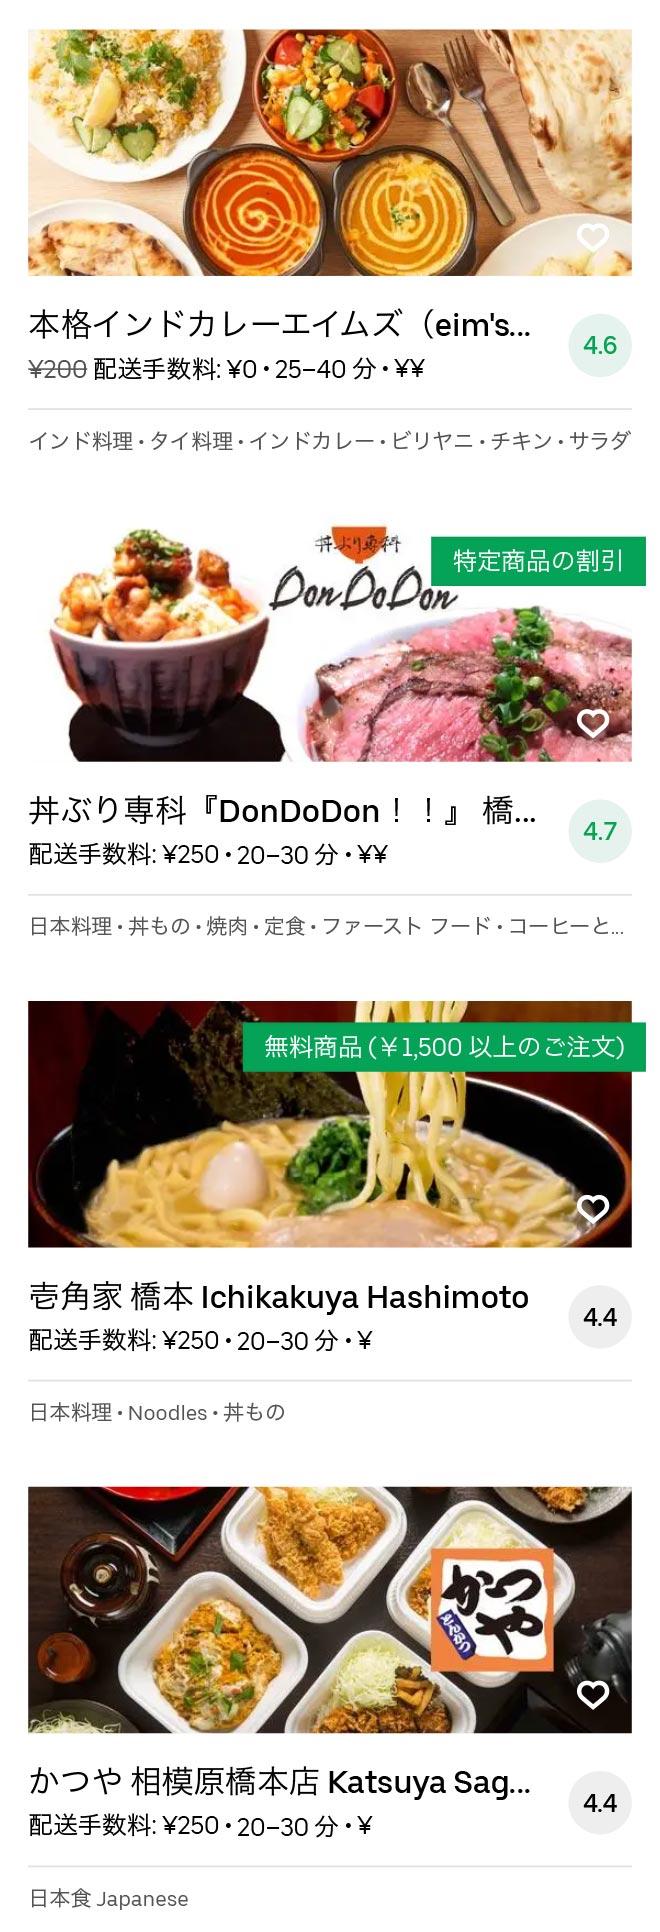 Aihara menu 2010 04